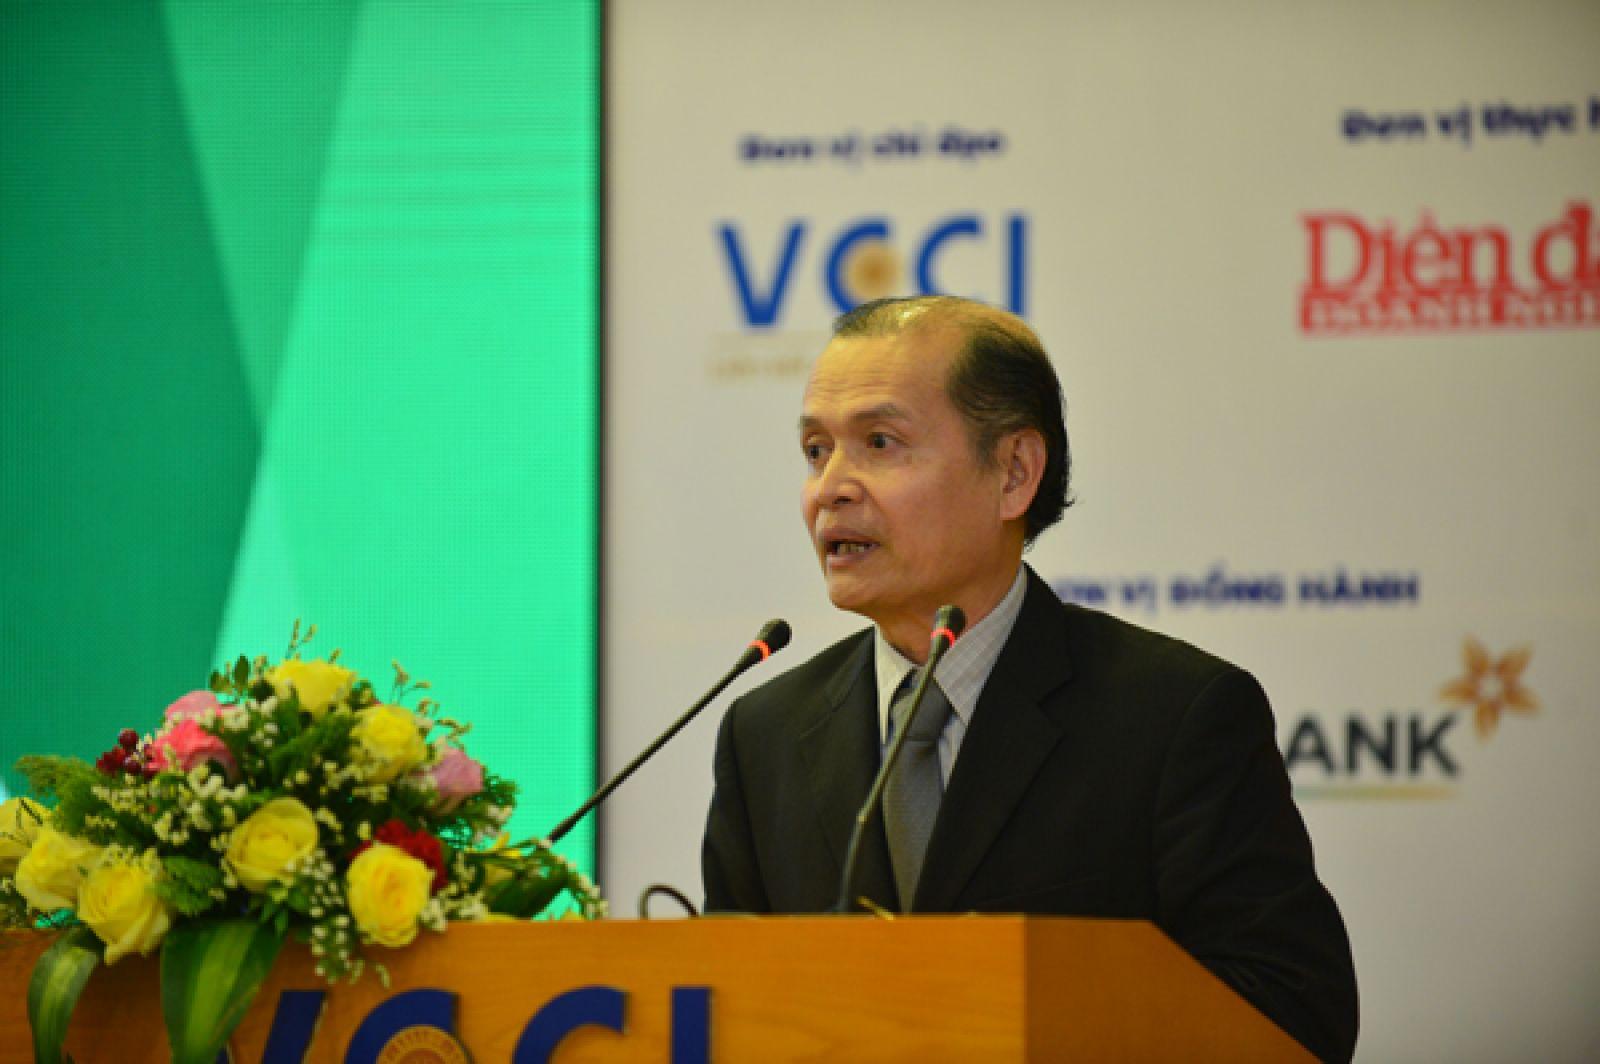 Nhà báo Phạm Ngọc Tuấn – Tổng biên tập Báo Diễn đàn Doanh nghiệp, Phó Trưởng ban thường trực Tổ chức chương trình Khởi nghiệp Quốc gia